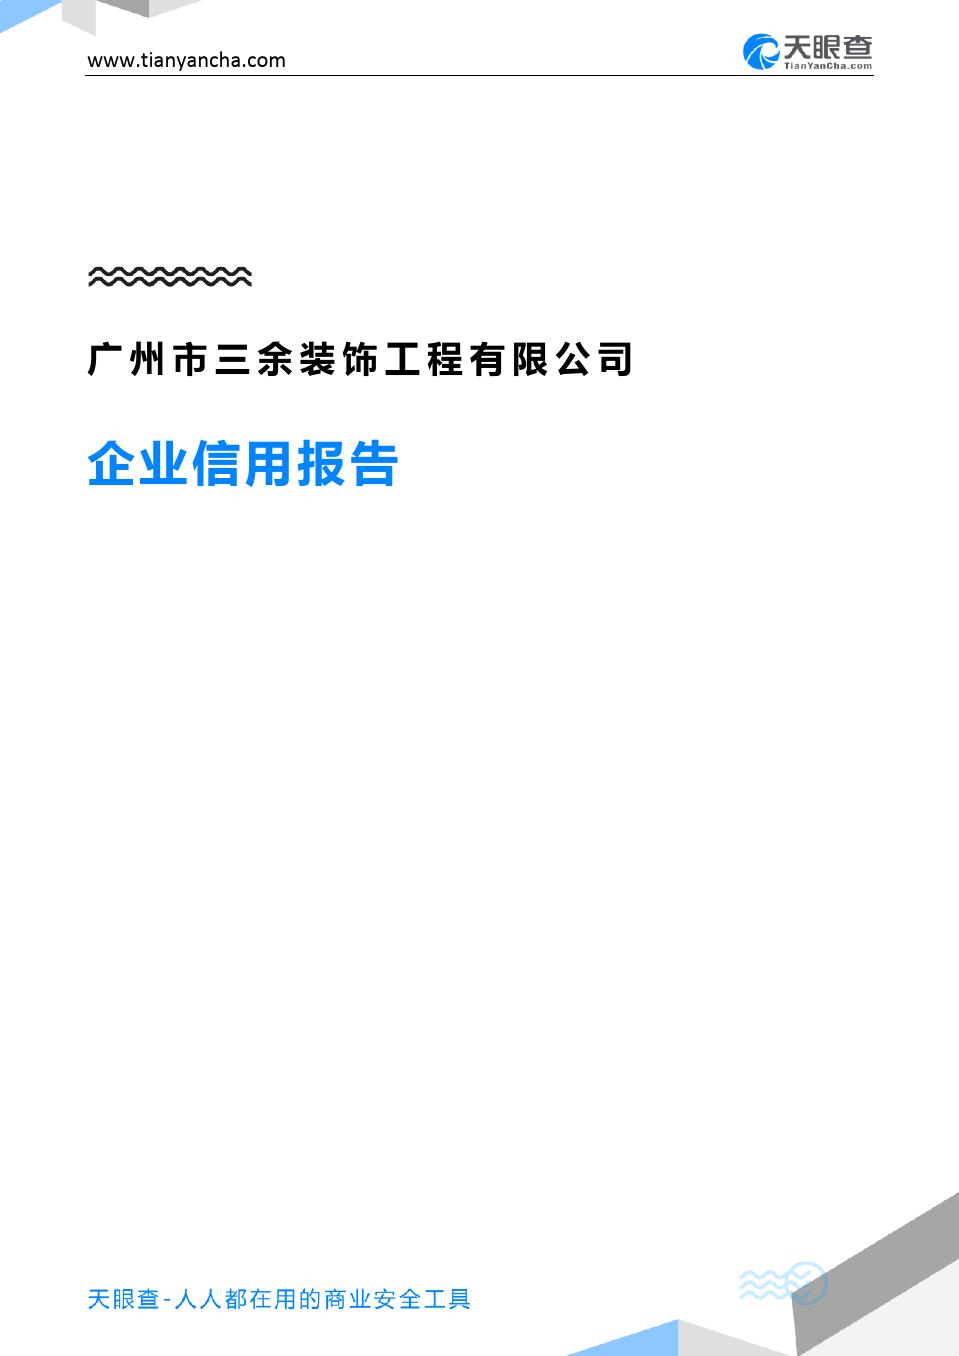 广州市三余装饰工程有限公司(企业信用报告)- 天眼查